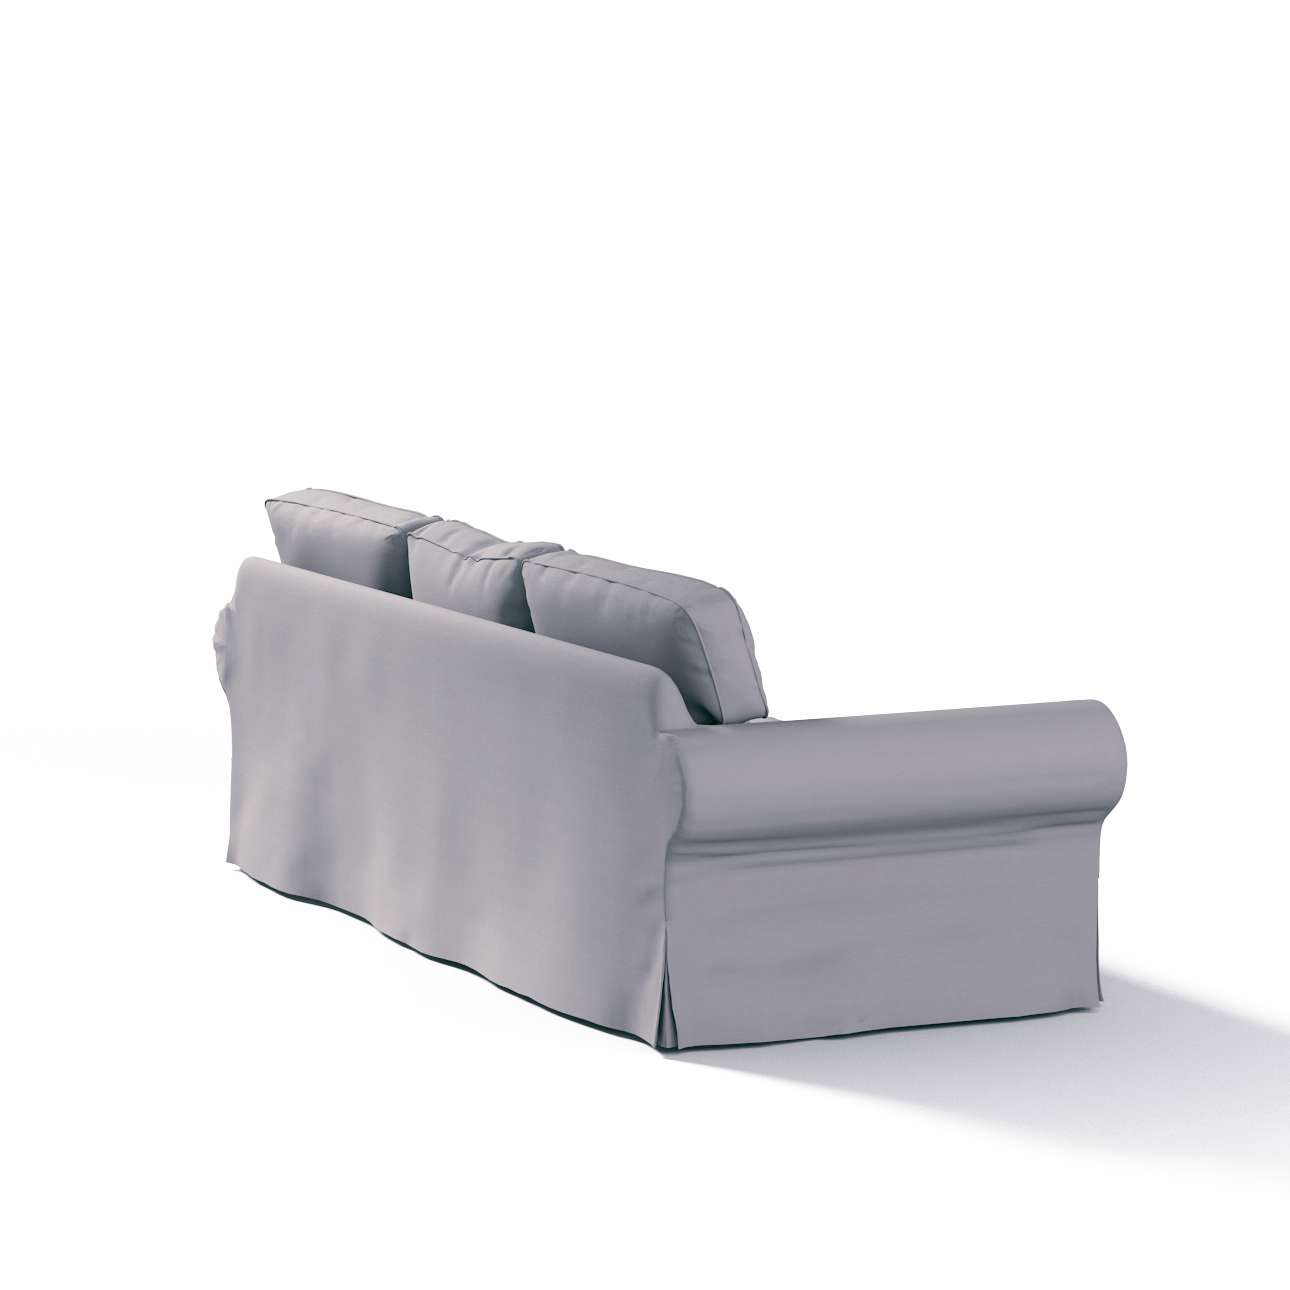 Pokrowiec na sofę Ektorp 3-osobową, rozkładaną NOWY MODEL 2013 Ektorp 3-os rozkładany nowy model 2013 w kolekcji Cotton Panama, tkanina: 702-07